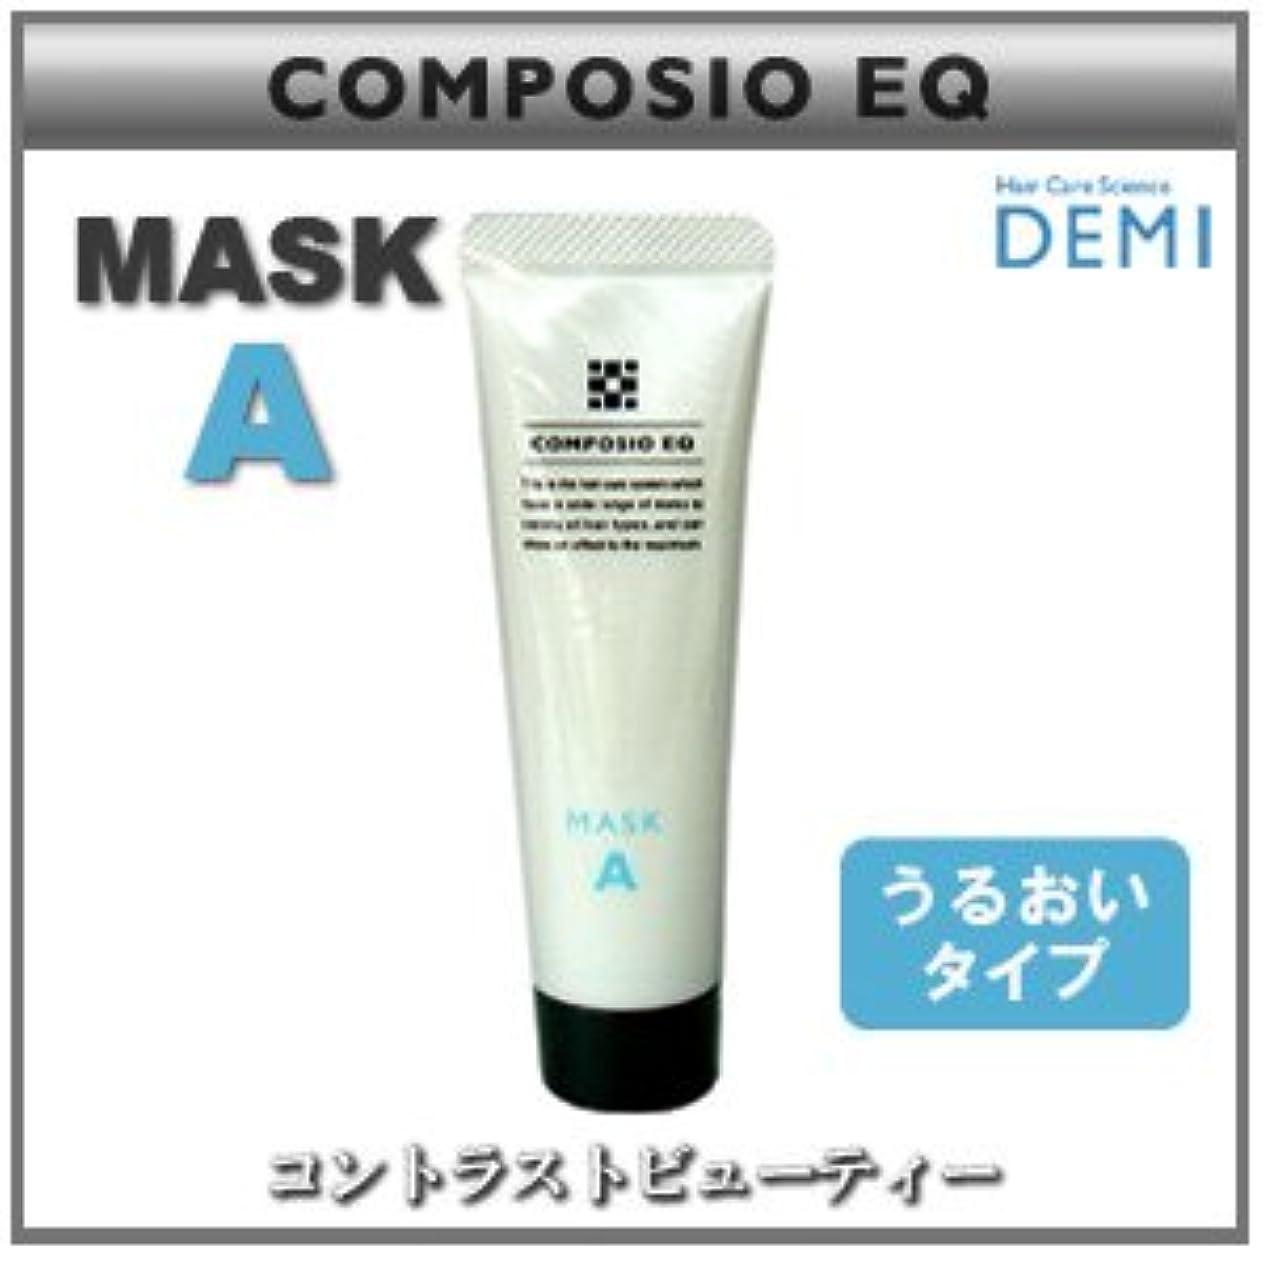 専門化するにじみ出る優しい【X4個セット】 デミ コンポジオ EQ マスク A 50g